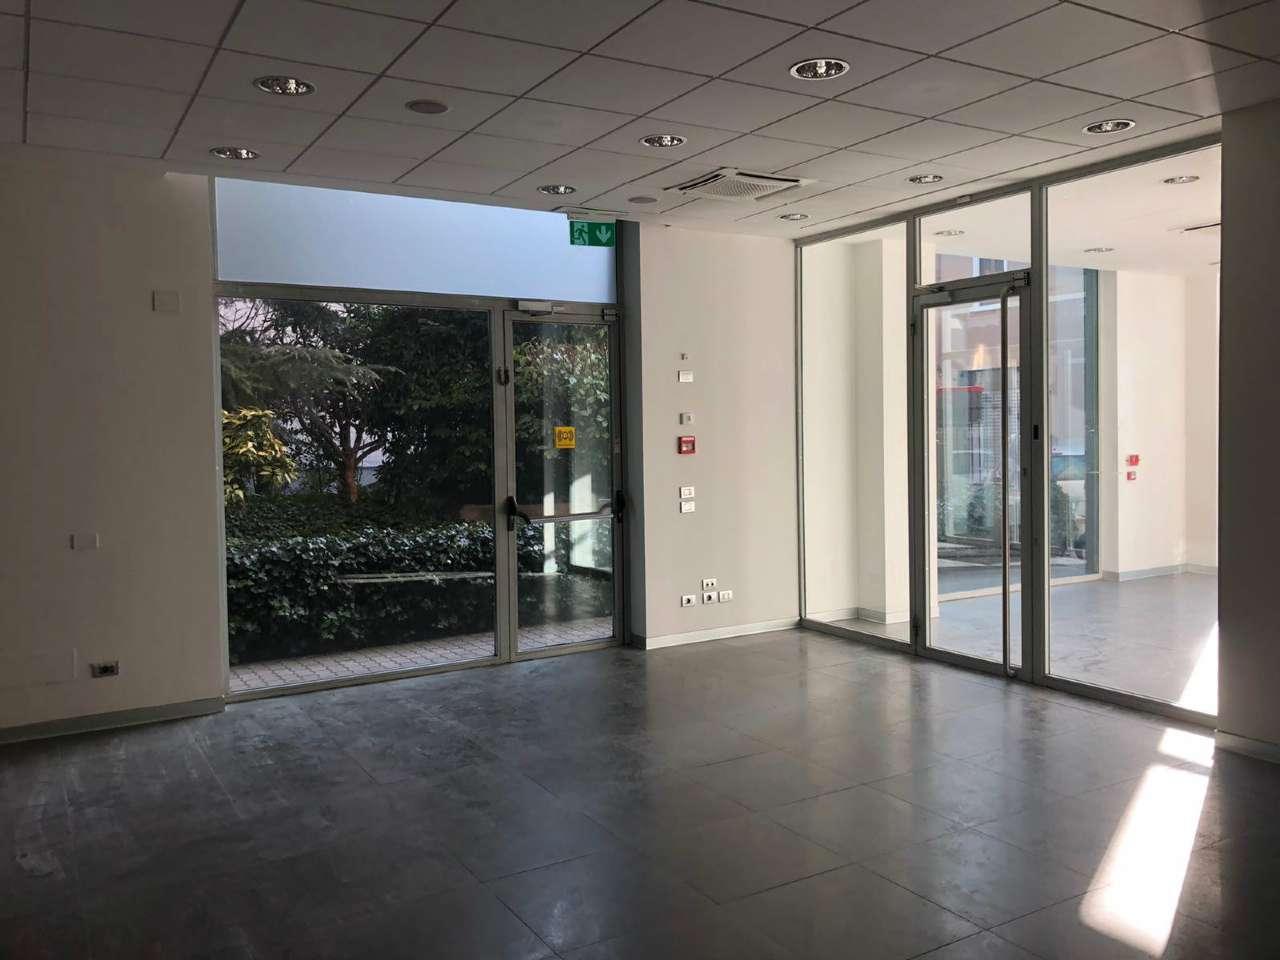 Negozio / Locale in affitto a Cormano, 4 locali, prezzo € 3.000   PortaleAgenzieImmobiliari.it